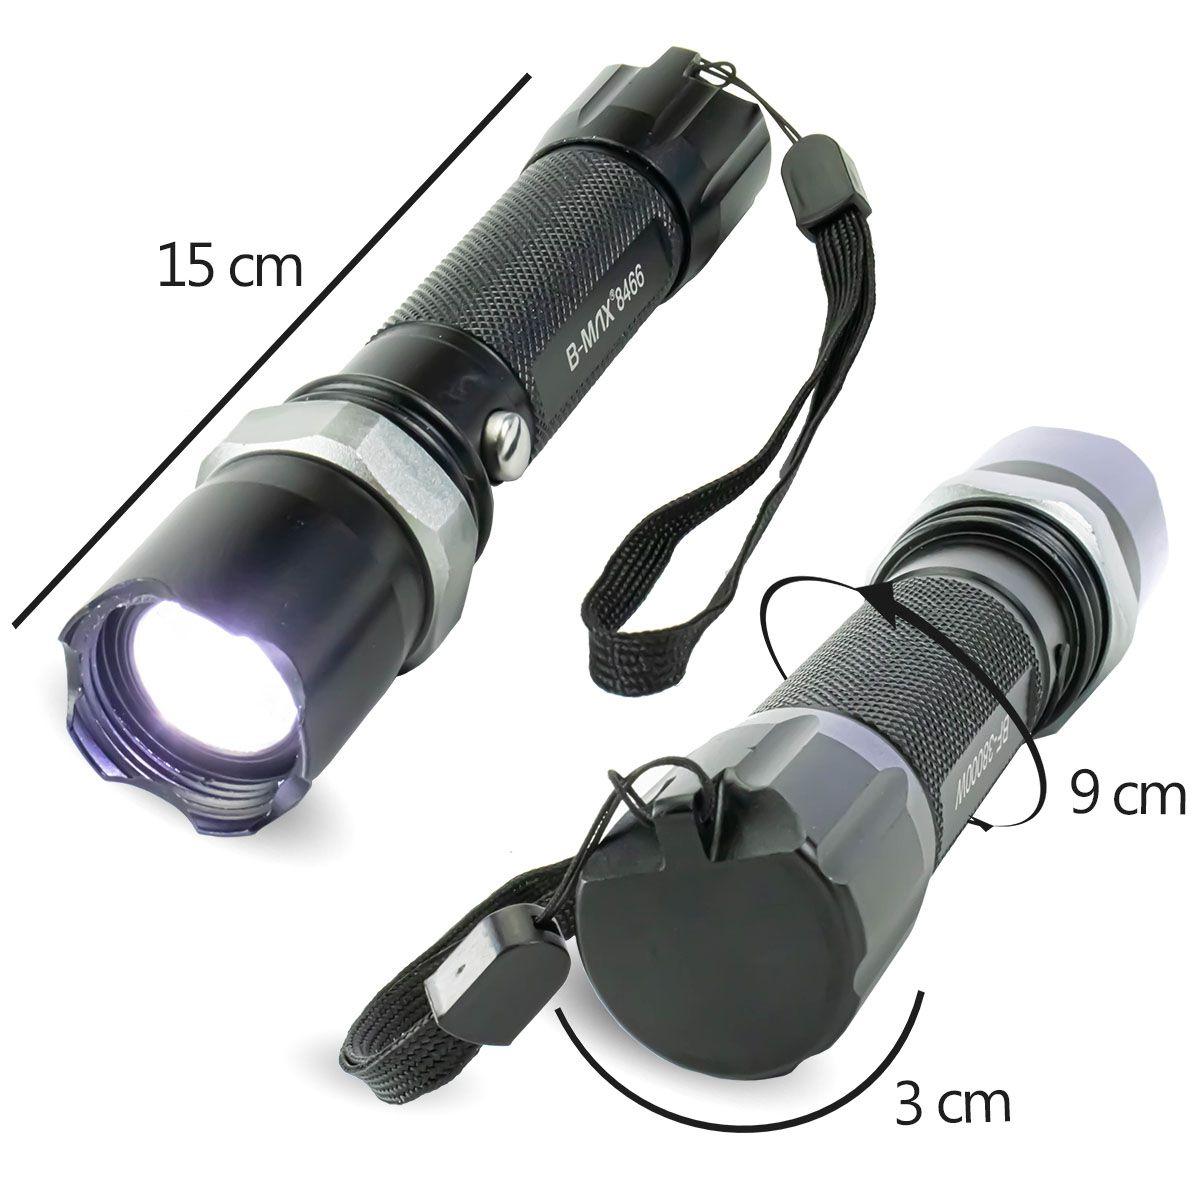 KIT Lanterna Tática Led com Sinalizador Recarregável BM8466 + Lanterna Tática Compacta BM8400